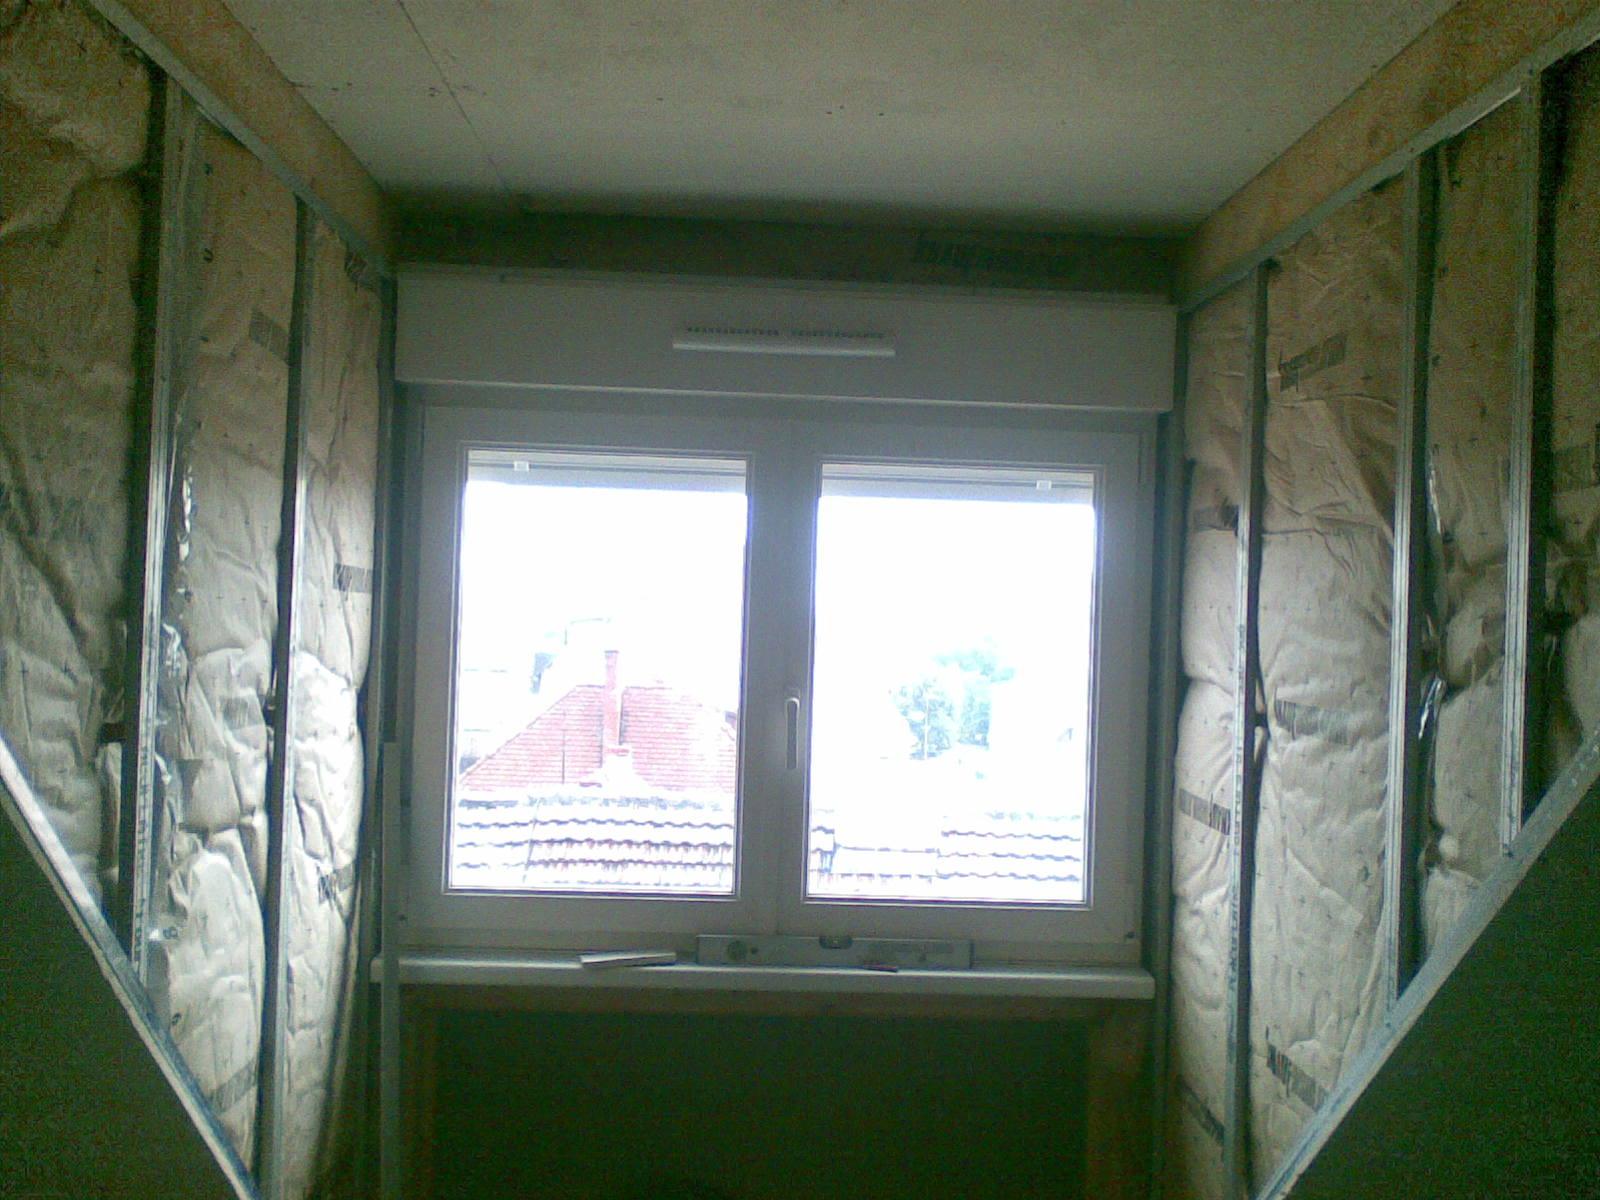 Finition de joues de fenêtres avec plaque de plâtre Strasbourg 67 Activ Renovation